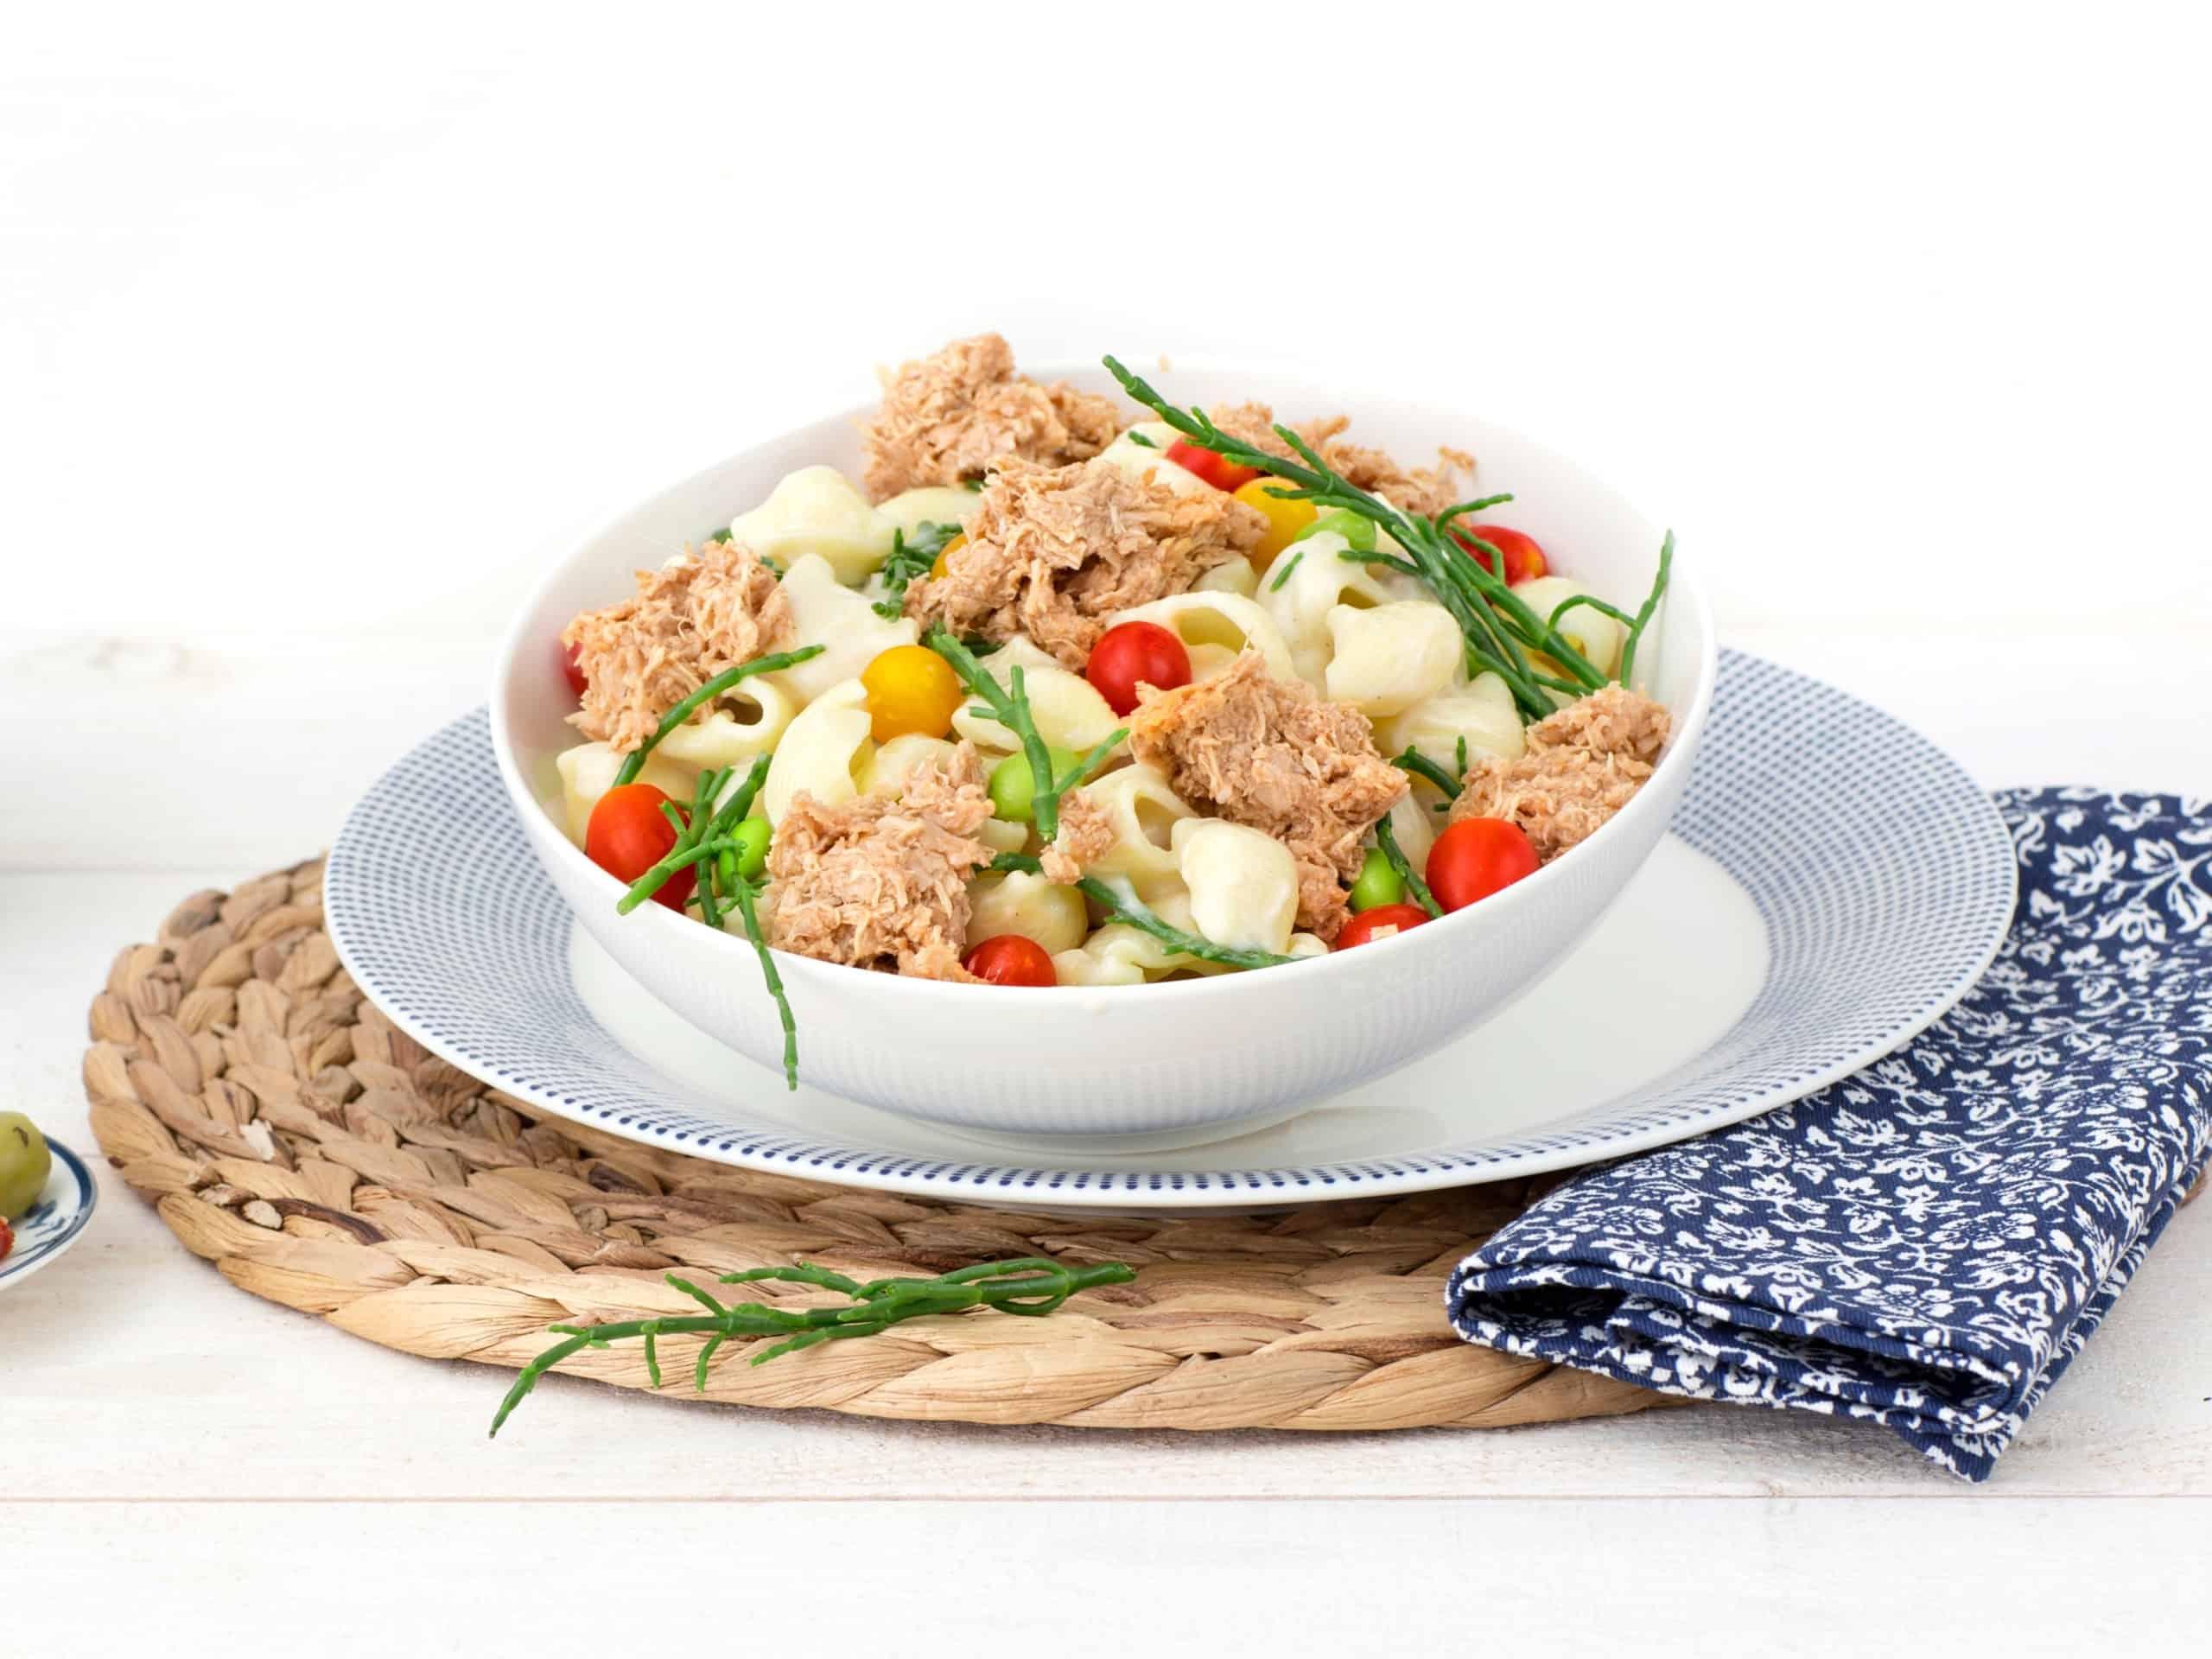 TuNo vegan tuna salad